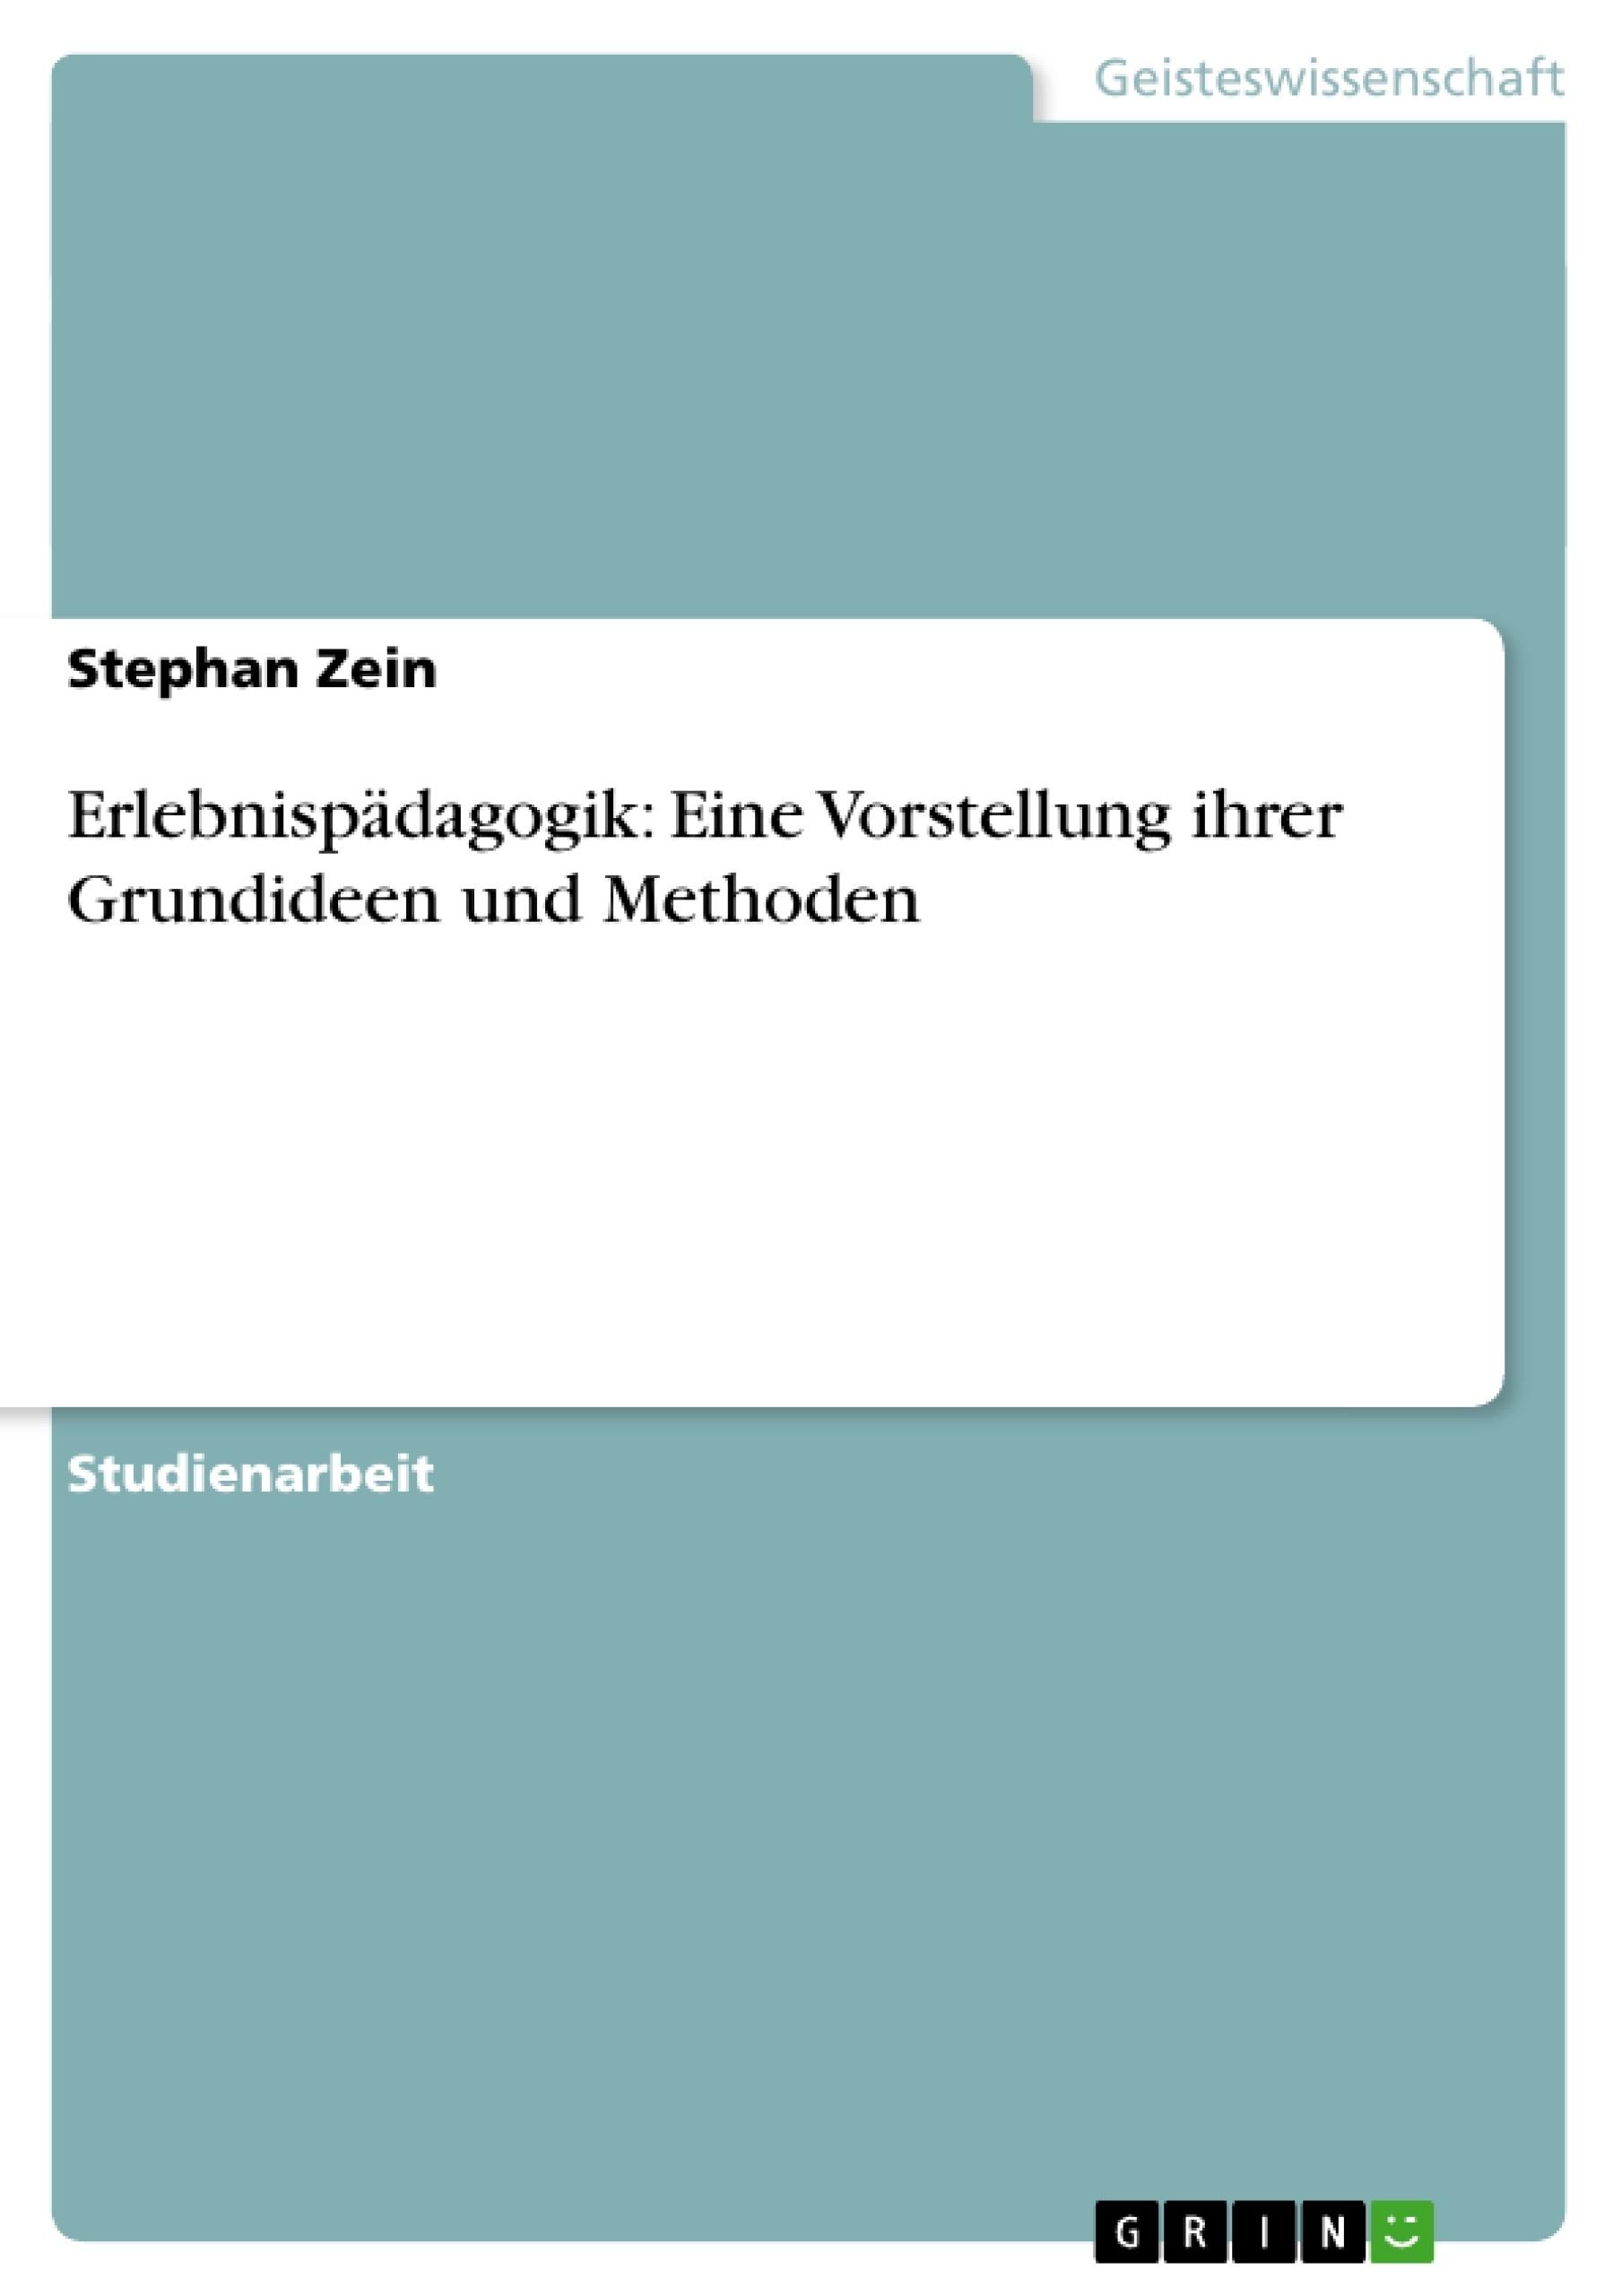 Titel: Erlebnispädagogik:  Eine Vorstellung ihrer Grundideen und Methoden